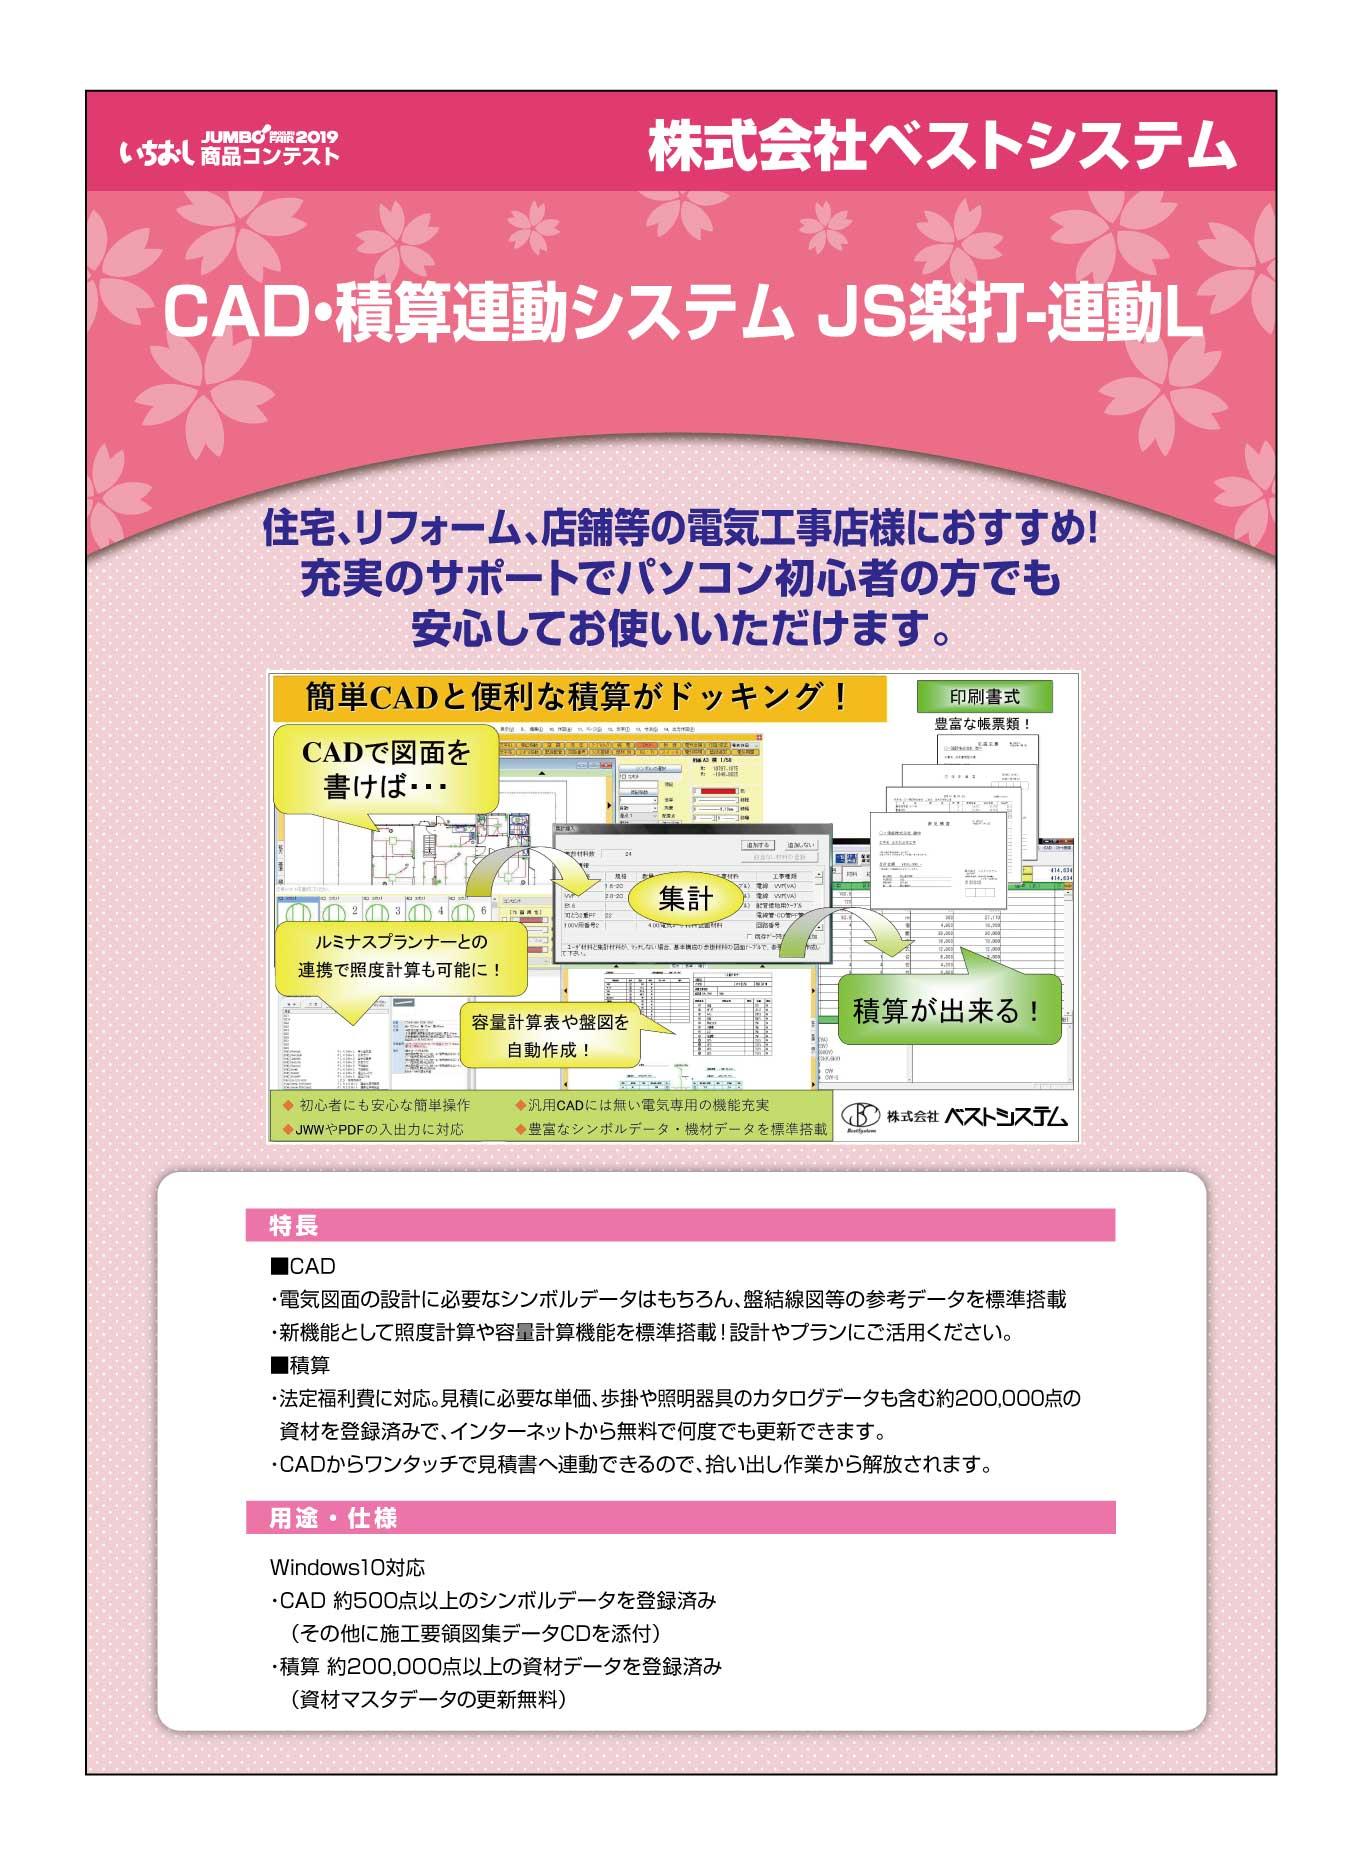 「CAD・積算連動システム JS楽打-連動L」株式会社ベストシステムの画像